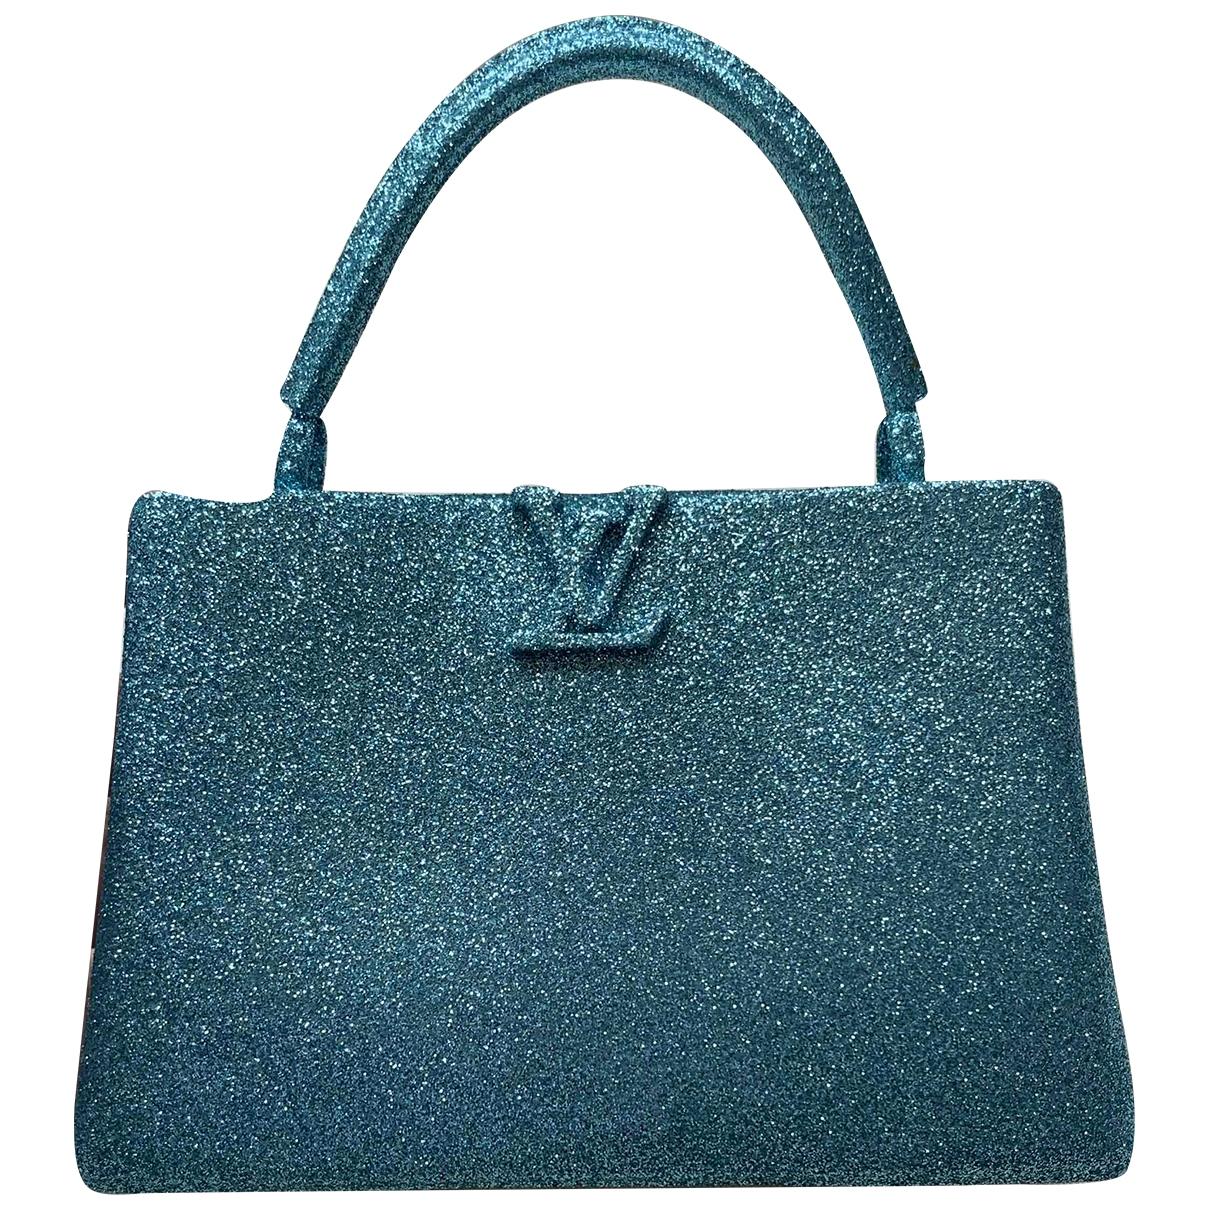 Louis Vuitton \N Blue Glitter Bag charms for Women \N